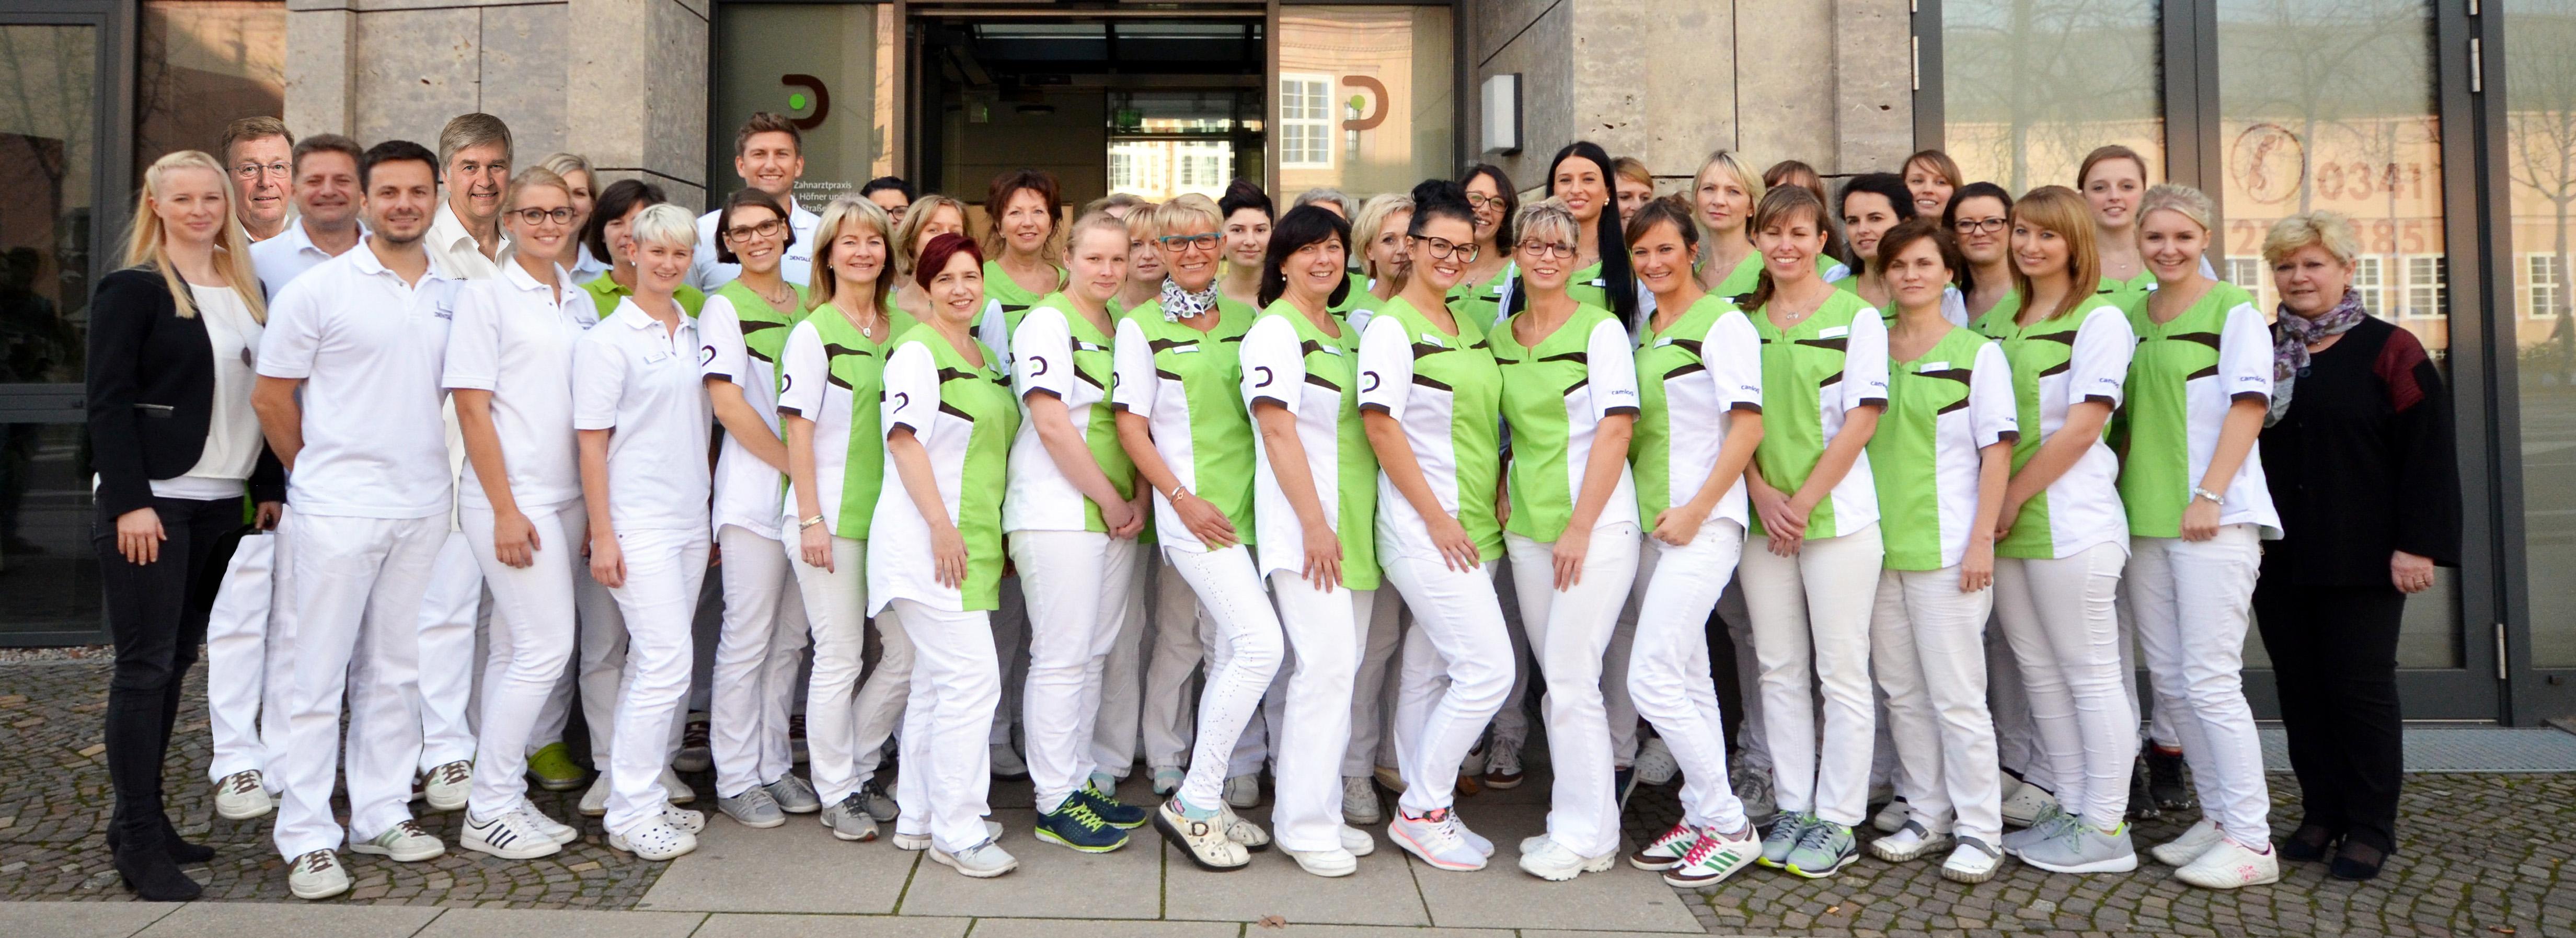 Zap team rzte zahnarzt leipzig zahn rztliches for Interieur team leipzig